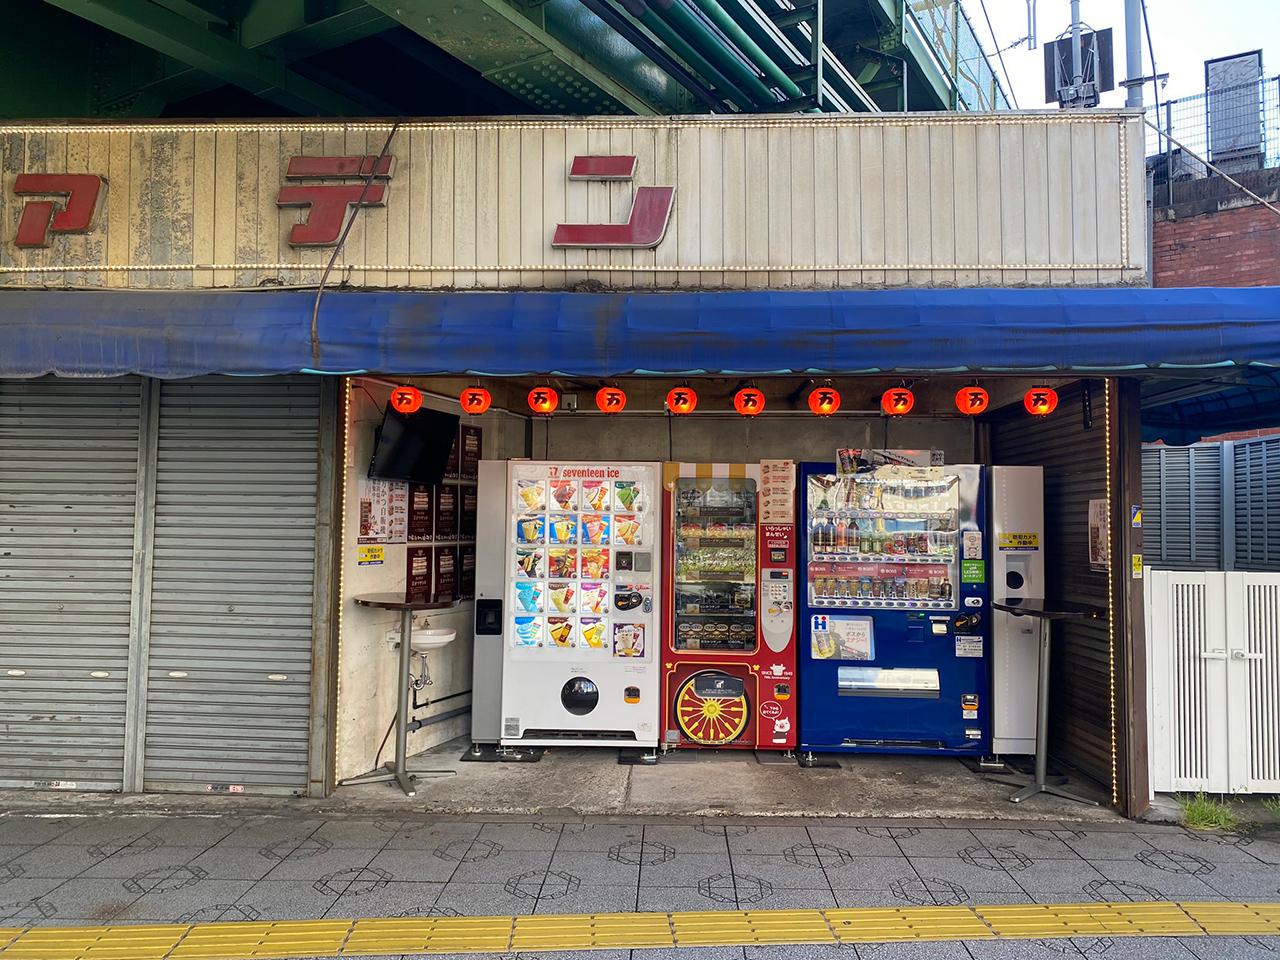 อีกหนึ่งพิกัดถ่ายรูป ตู้ขายของอัตโนมัติ ญี่ปุ่น ย่าน Akihabara